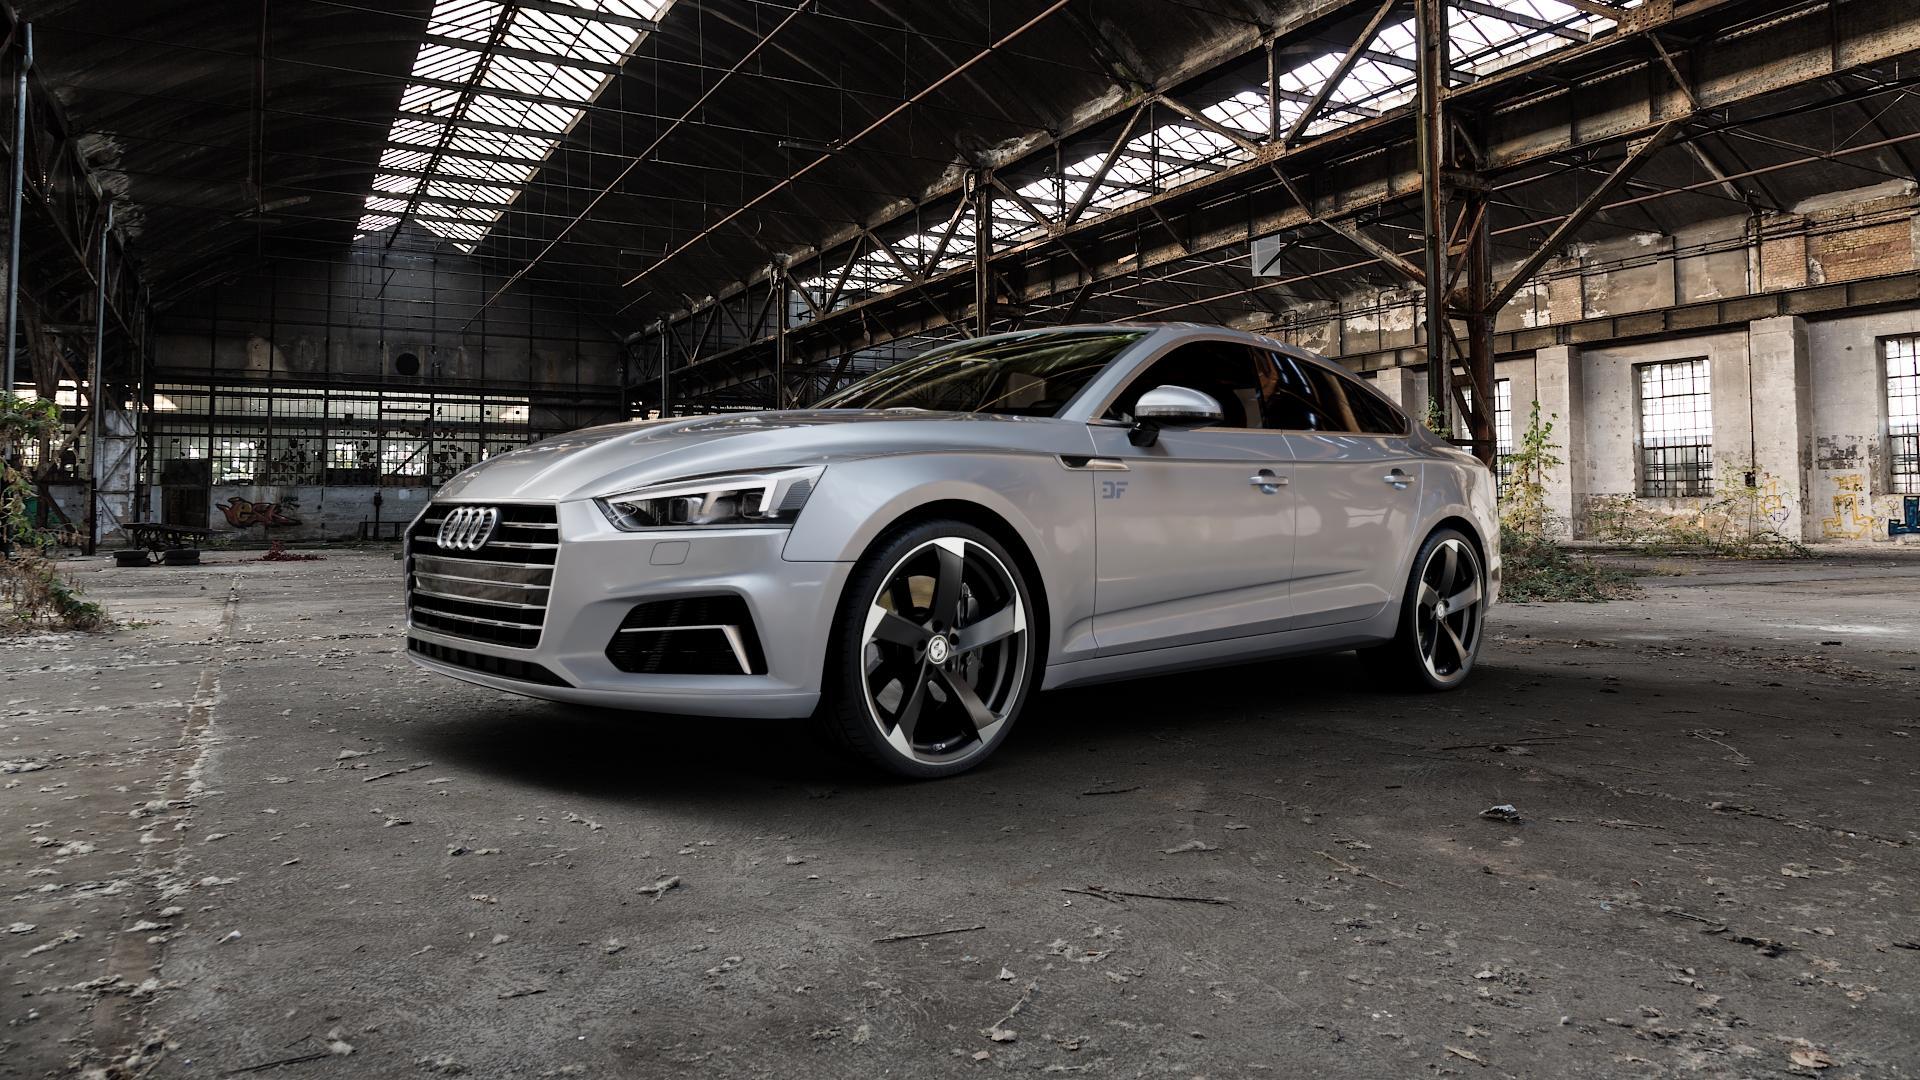 etabeta MAGIC Black matt spec.edit Felge mit Reifen schwarz schwarz matt in 20Zoll Winterfelge Alufelge auf silbernem Audi A5 Typ B9 (Sportback) 2,0l TDI 140kW (190 PS) quattro TFSI 185kW (252 3,0l 160kW (218 200kW (272 1,4l 110kW (150 183kW (249 g-tron 125kW (170 Mild-Hybrid 100kW (136 210kW (286 45 180kW (245 35 40 50 170kW (231 120kW (163 30 ⬇️ mit 15mm